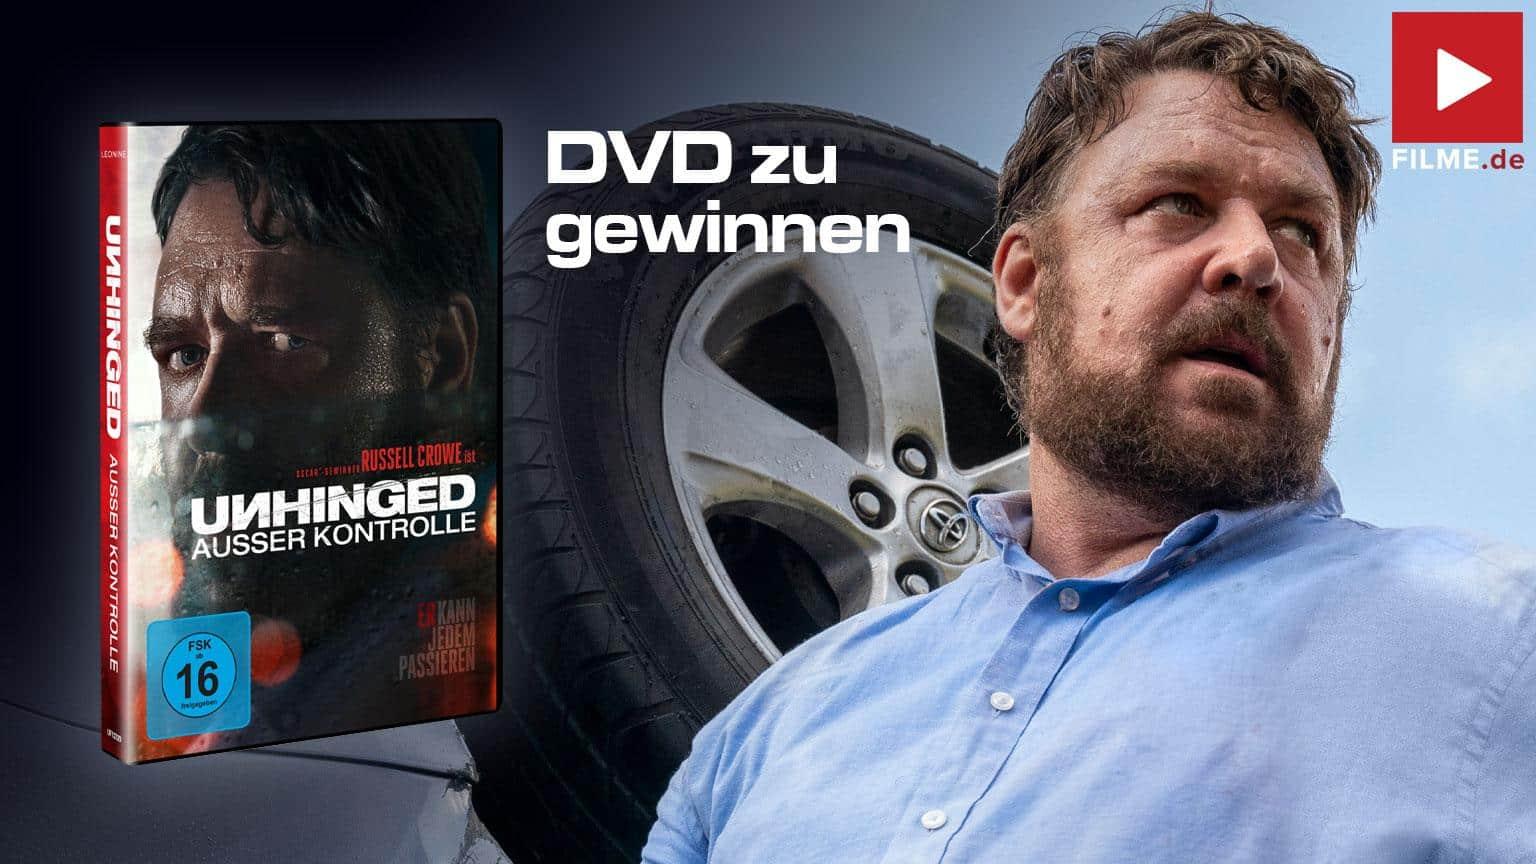 Unhinged Außer Kontrolle Film 2020 Russell Crowe Gewinnspiel gewinnen shop kaufen Artikelbild